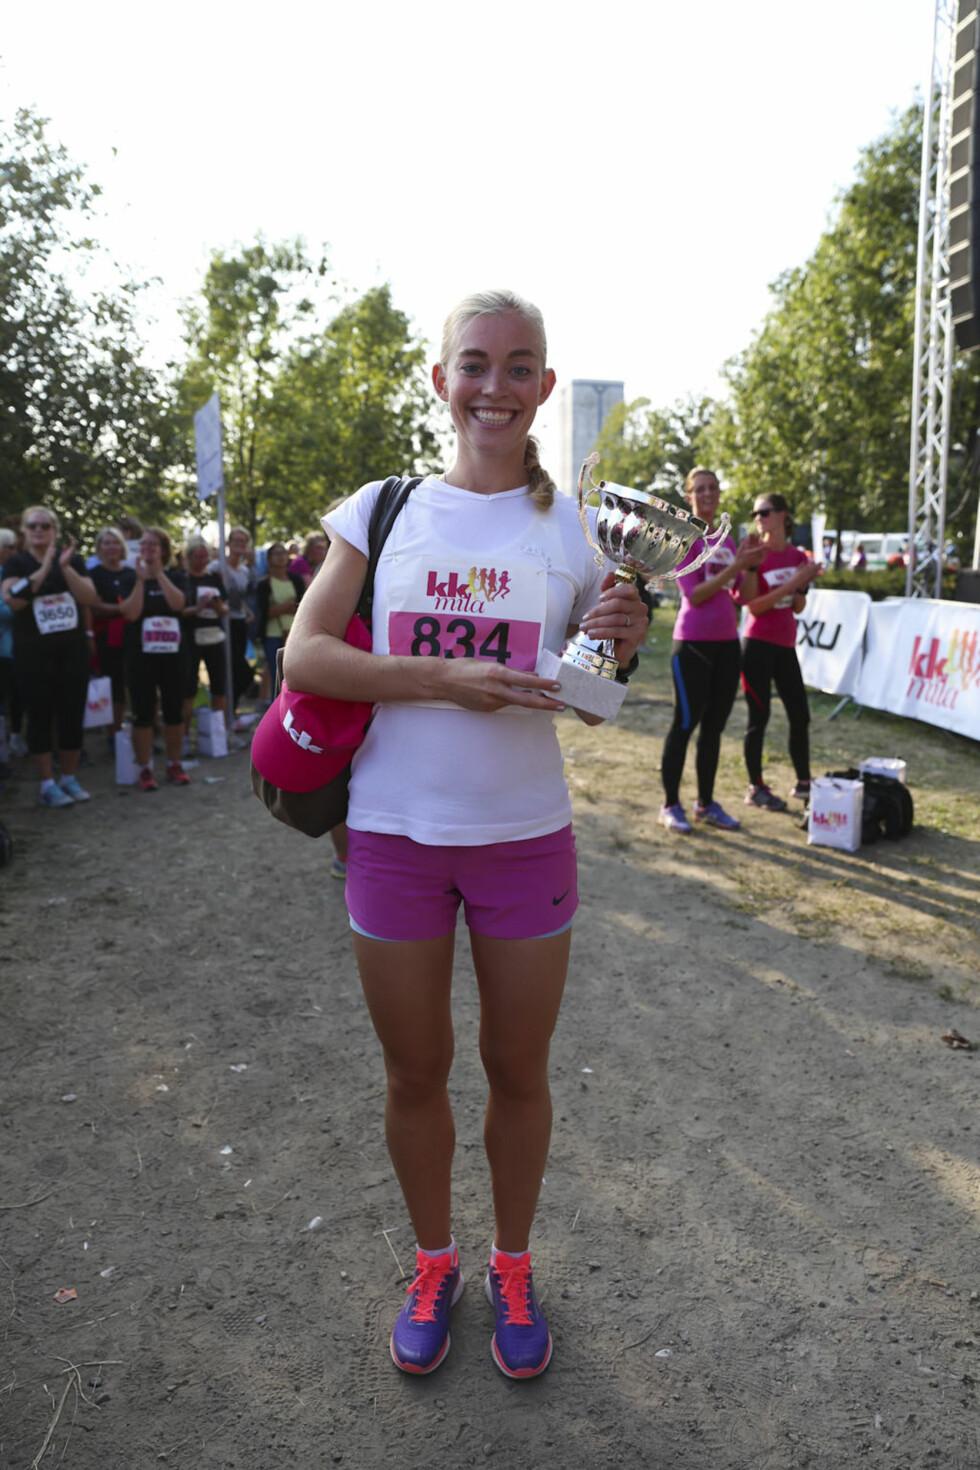 VINNER 10 KM: Cecilie Isern som suste i mål på fantastiske 42 minutter og 1 sekund. Foto: Vilde Borse